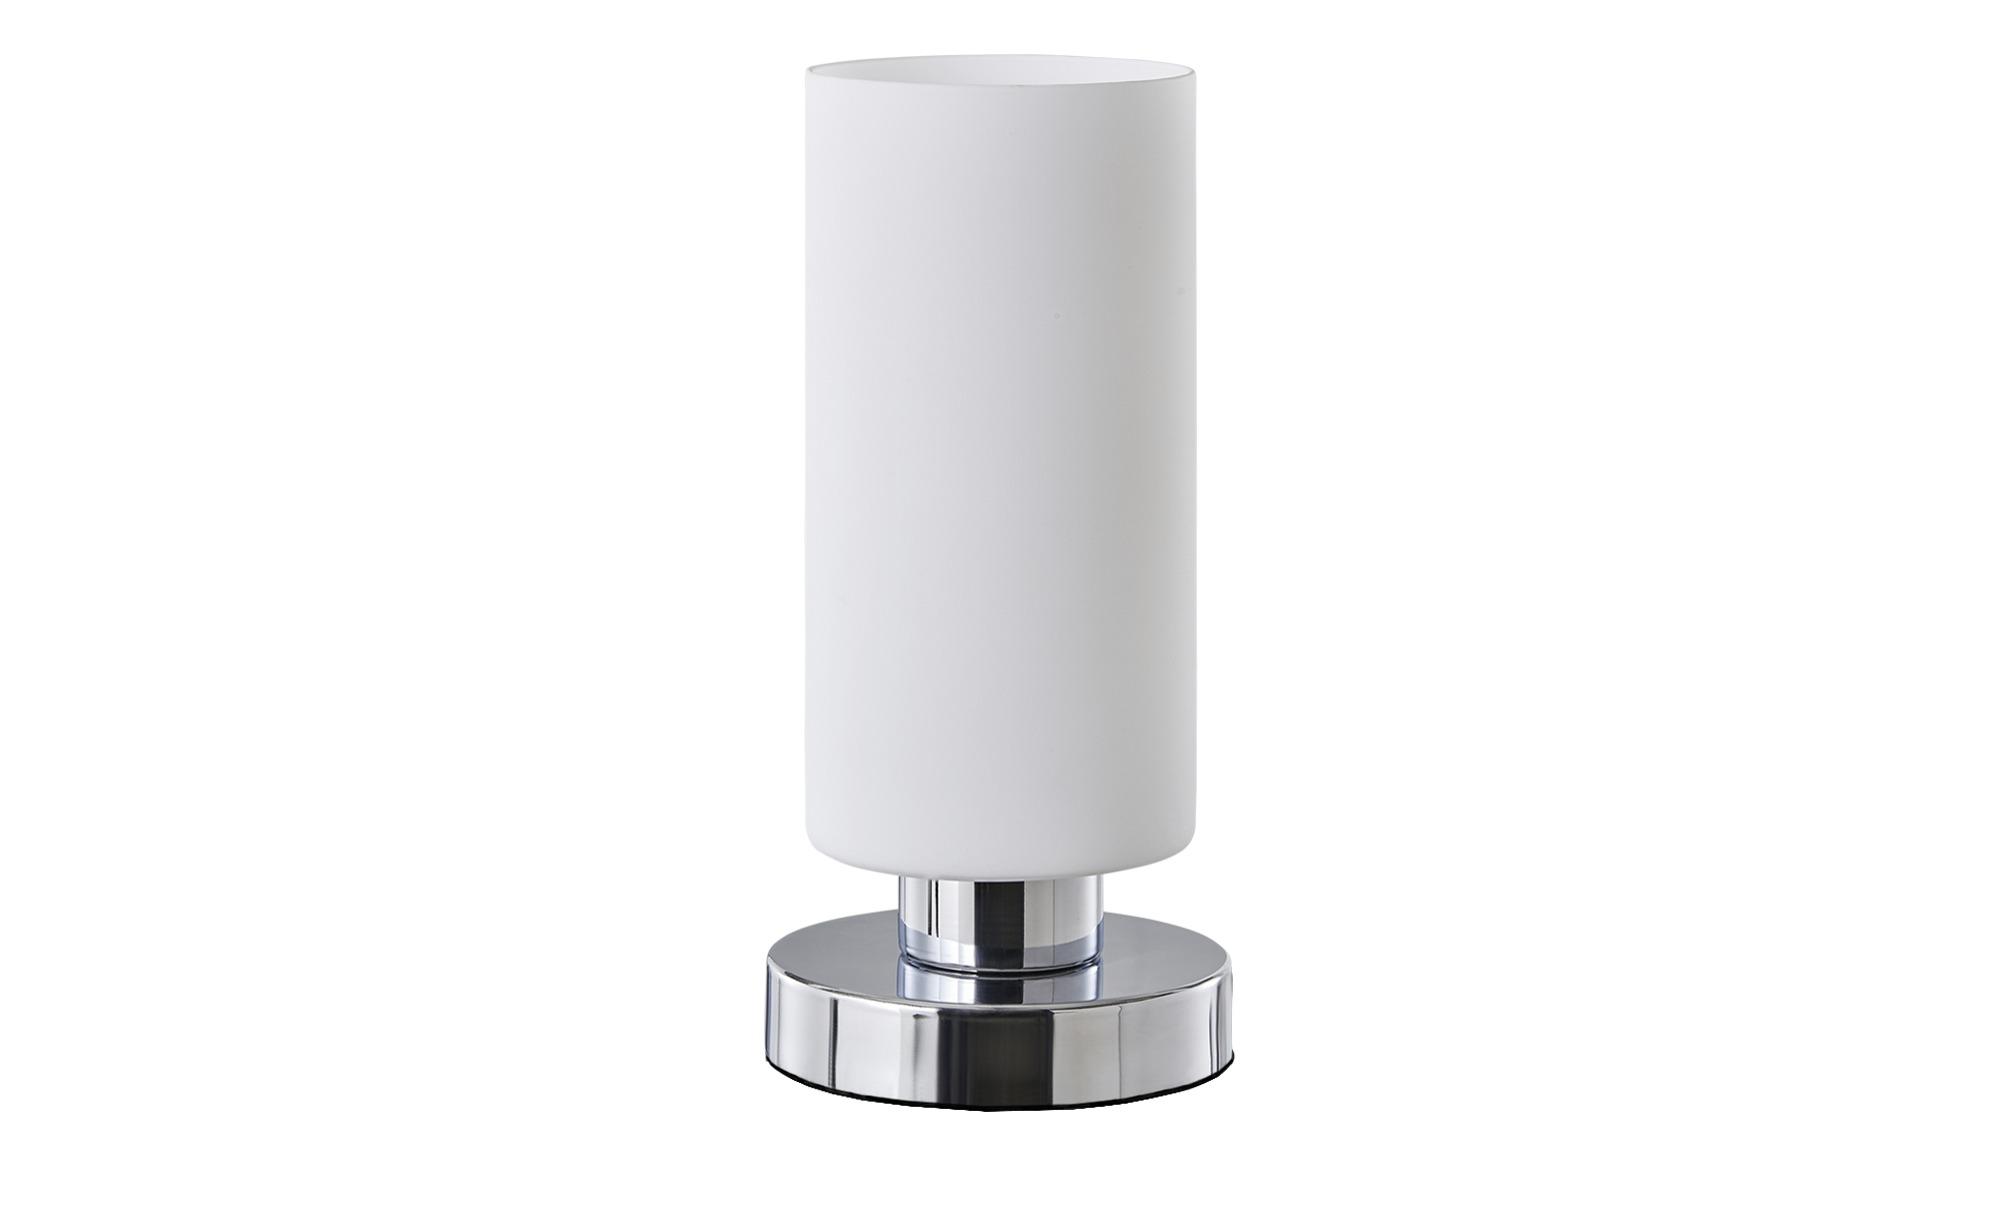 KHG LED-Tischleuchte, 1-flammig ¦ Maße (cm): H: 20 Ø: 12 Lampen & Leuchten > Innenleuchten > Tischlampen - Höffner